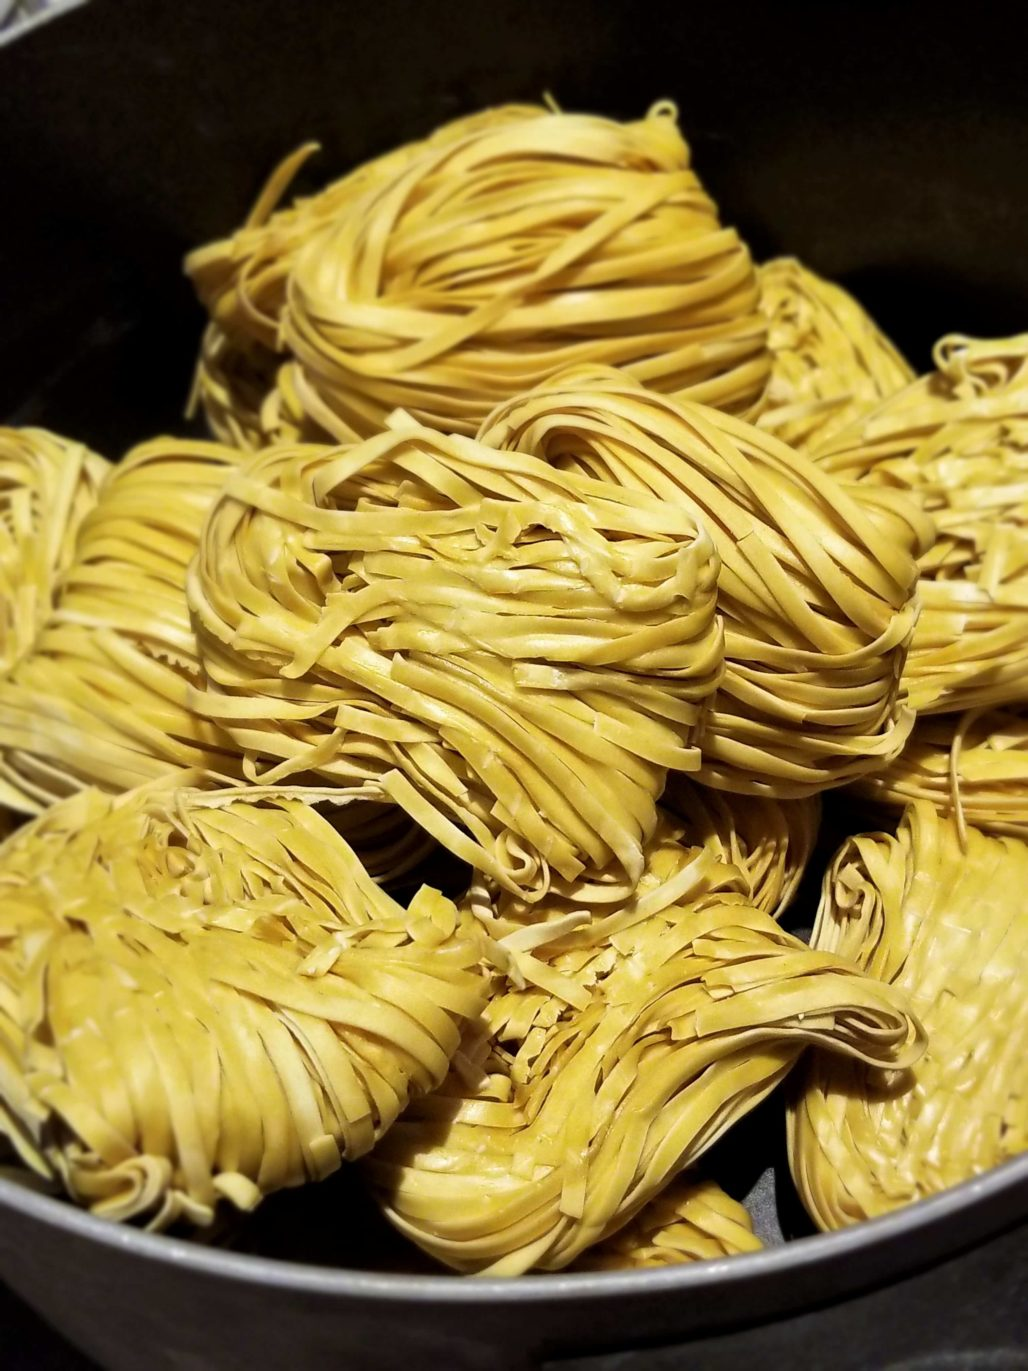 Dry egg noodles